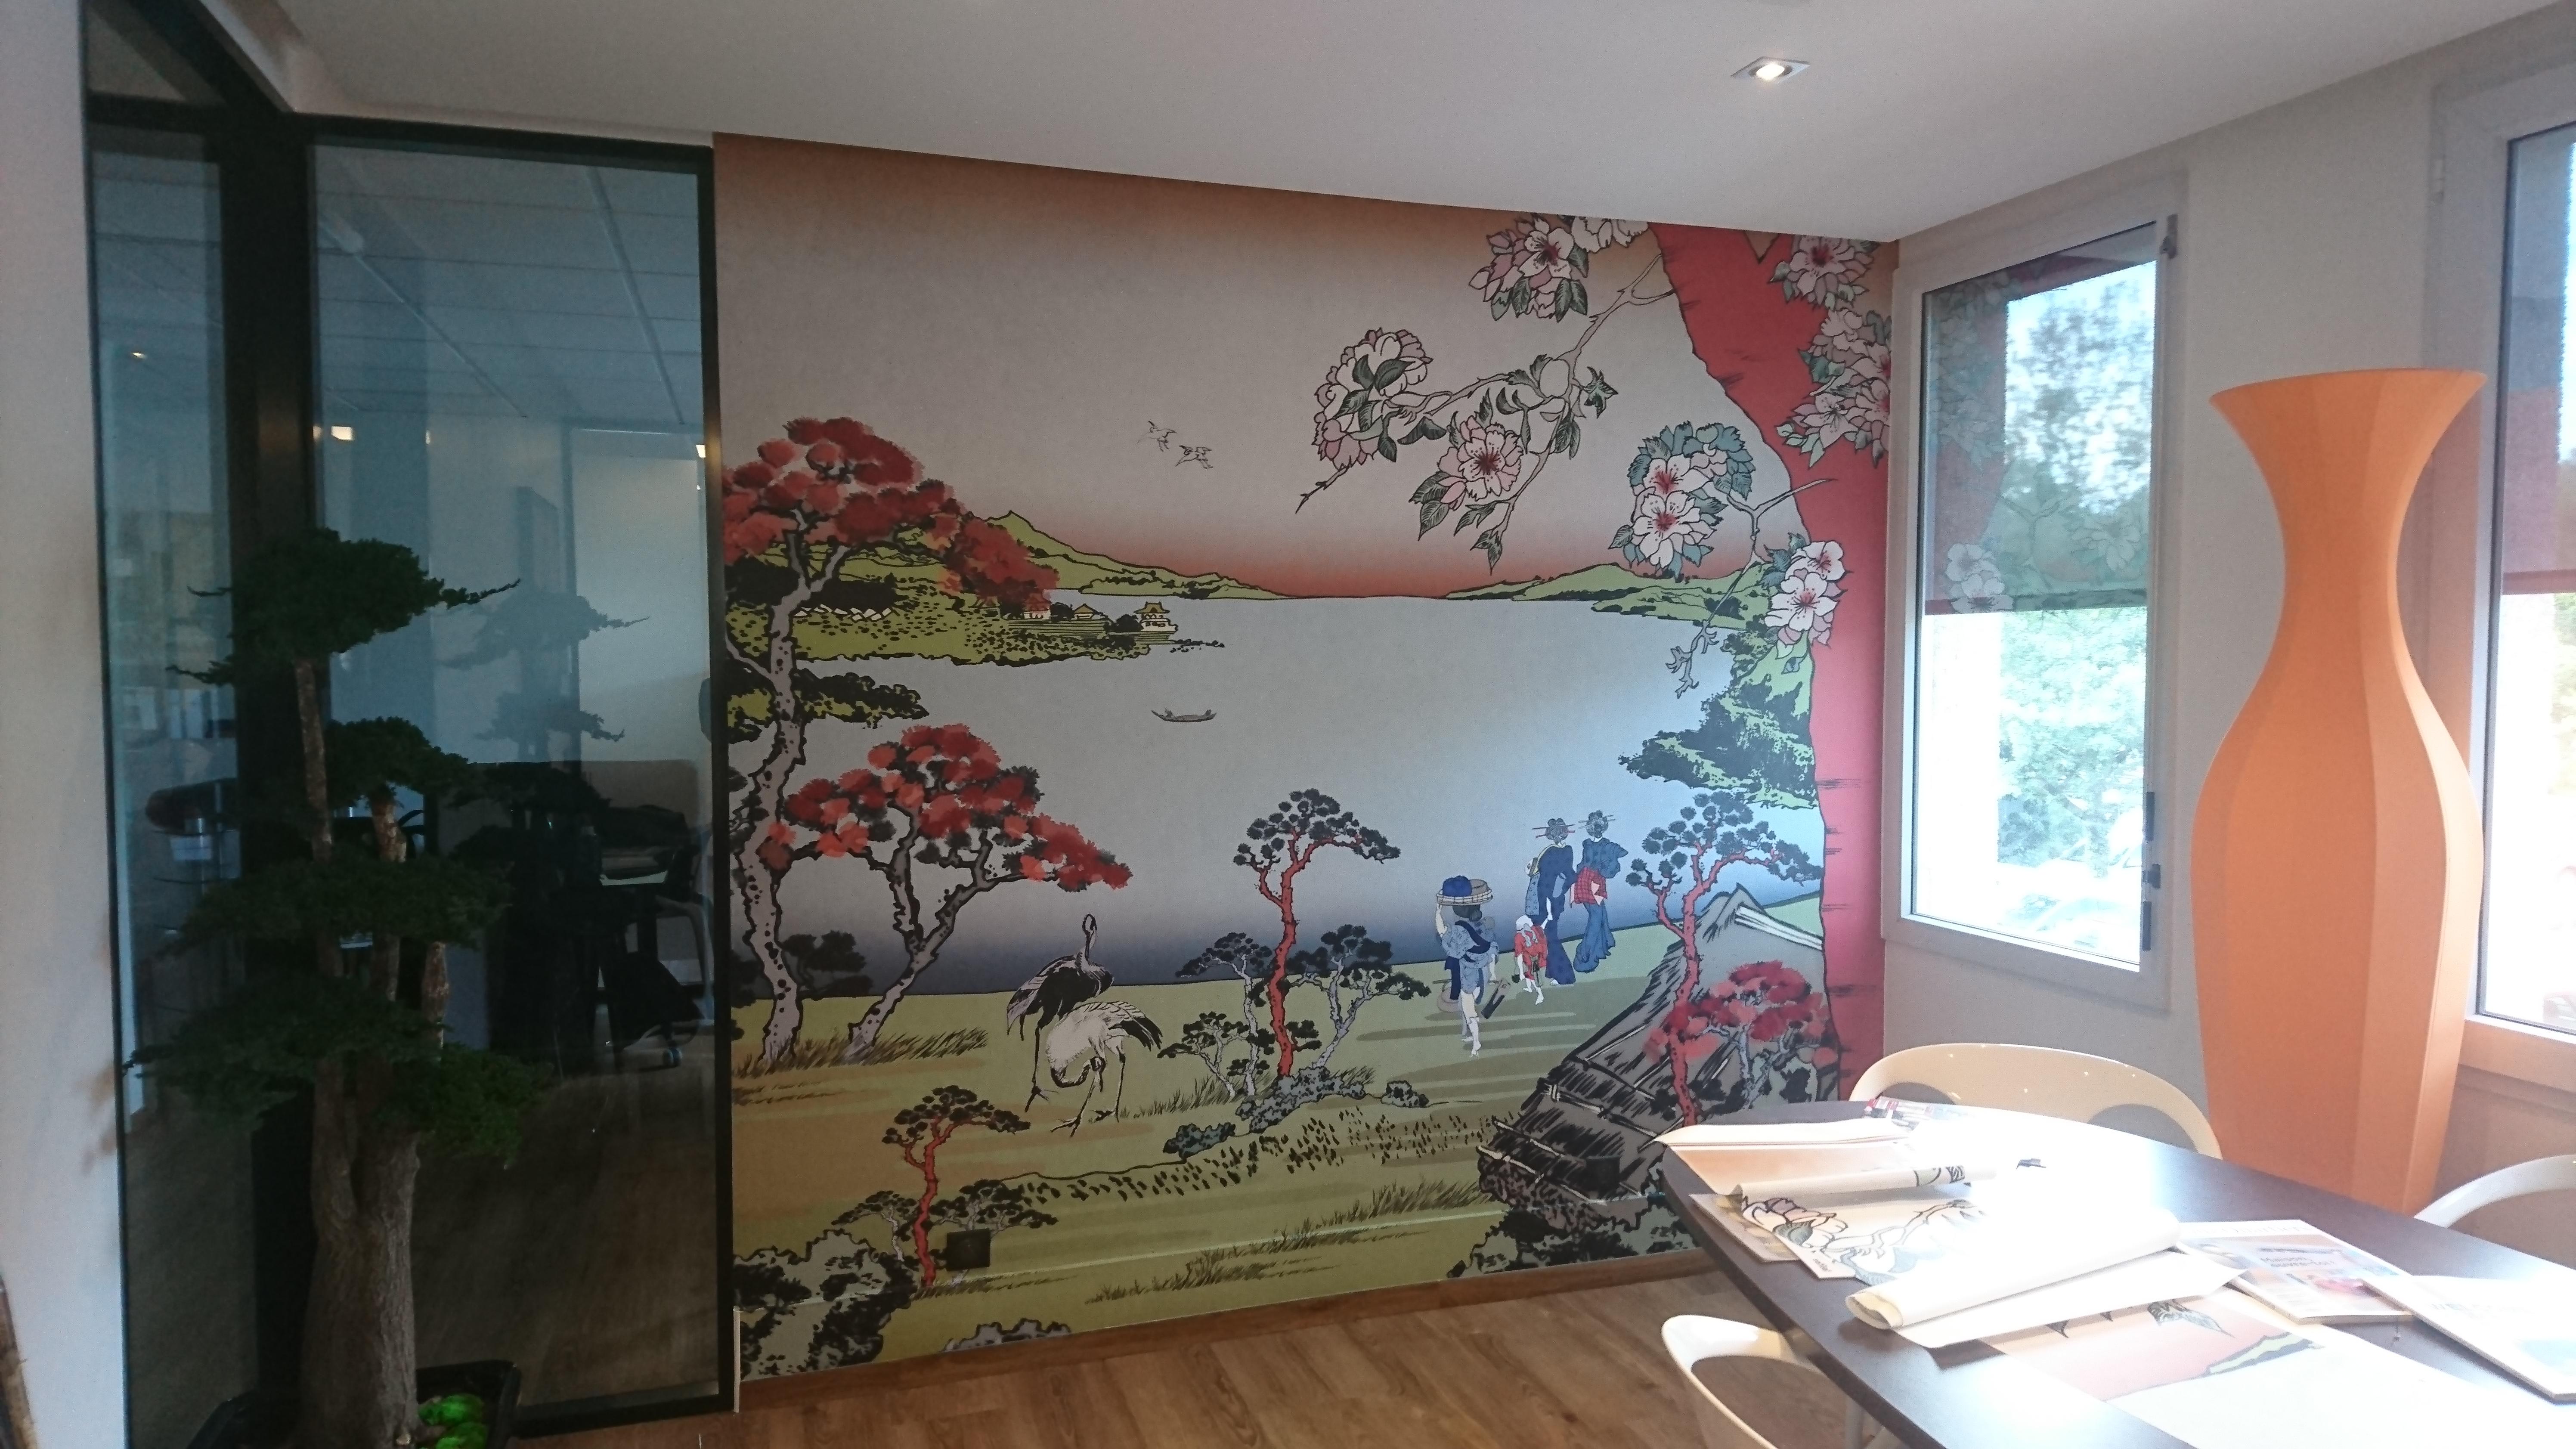 Toile JetTex contre collée sur un mur dans une salle de repos. Impression numérique grand format. Visuel japonisant choisi par le client.